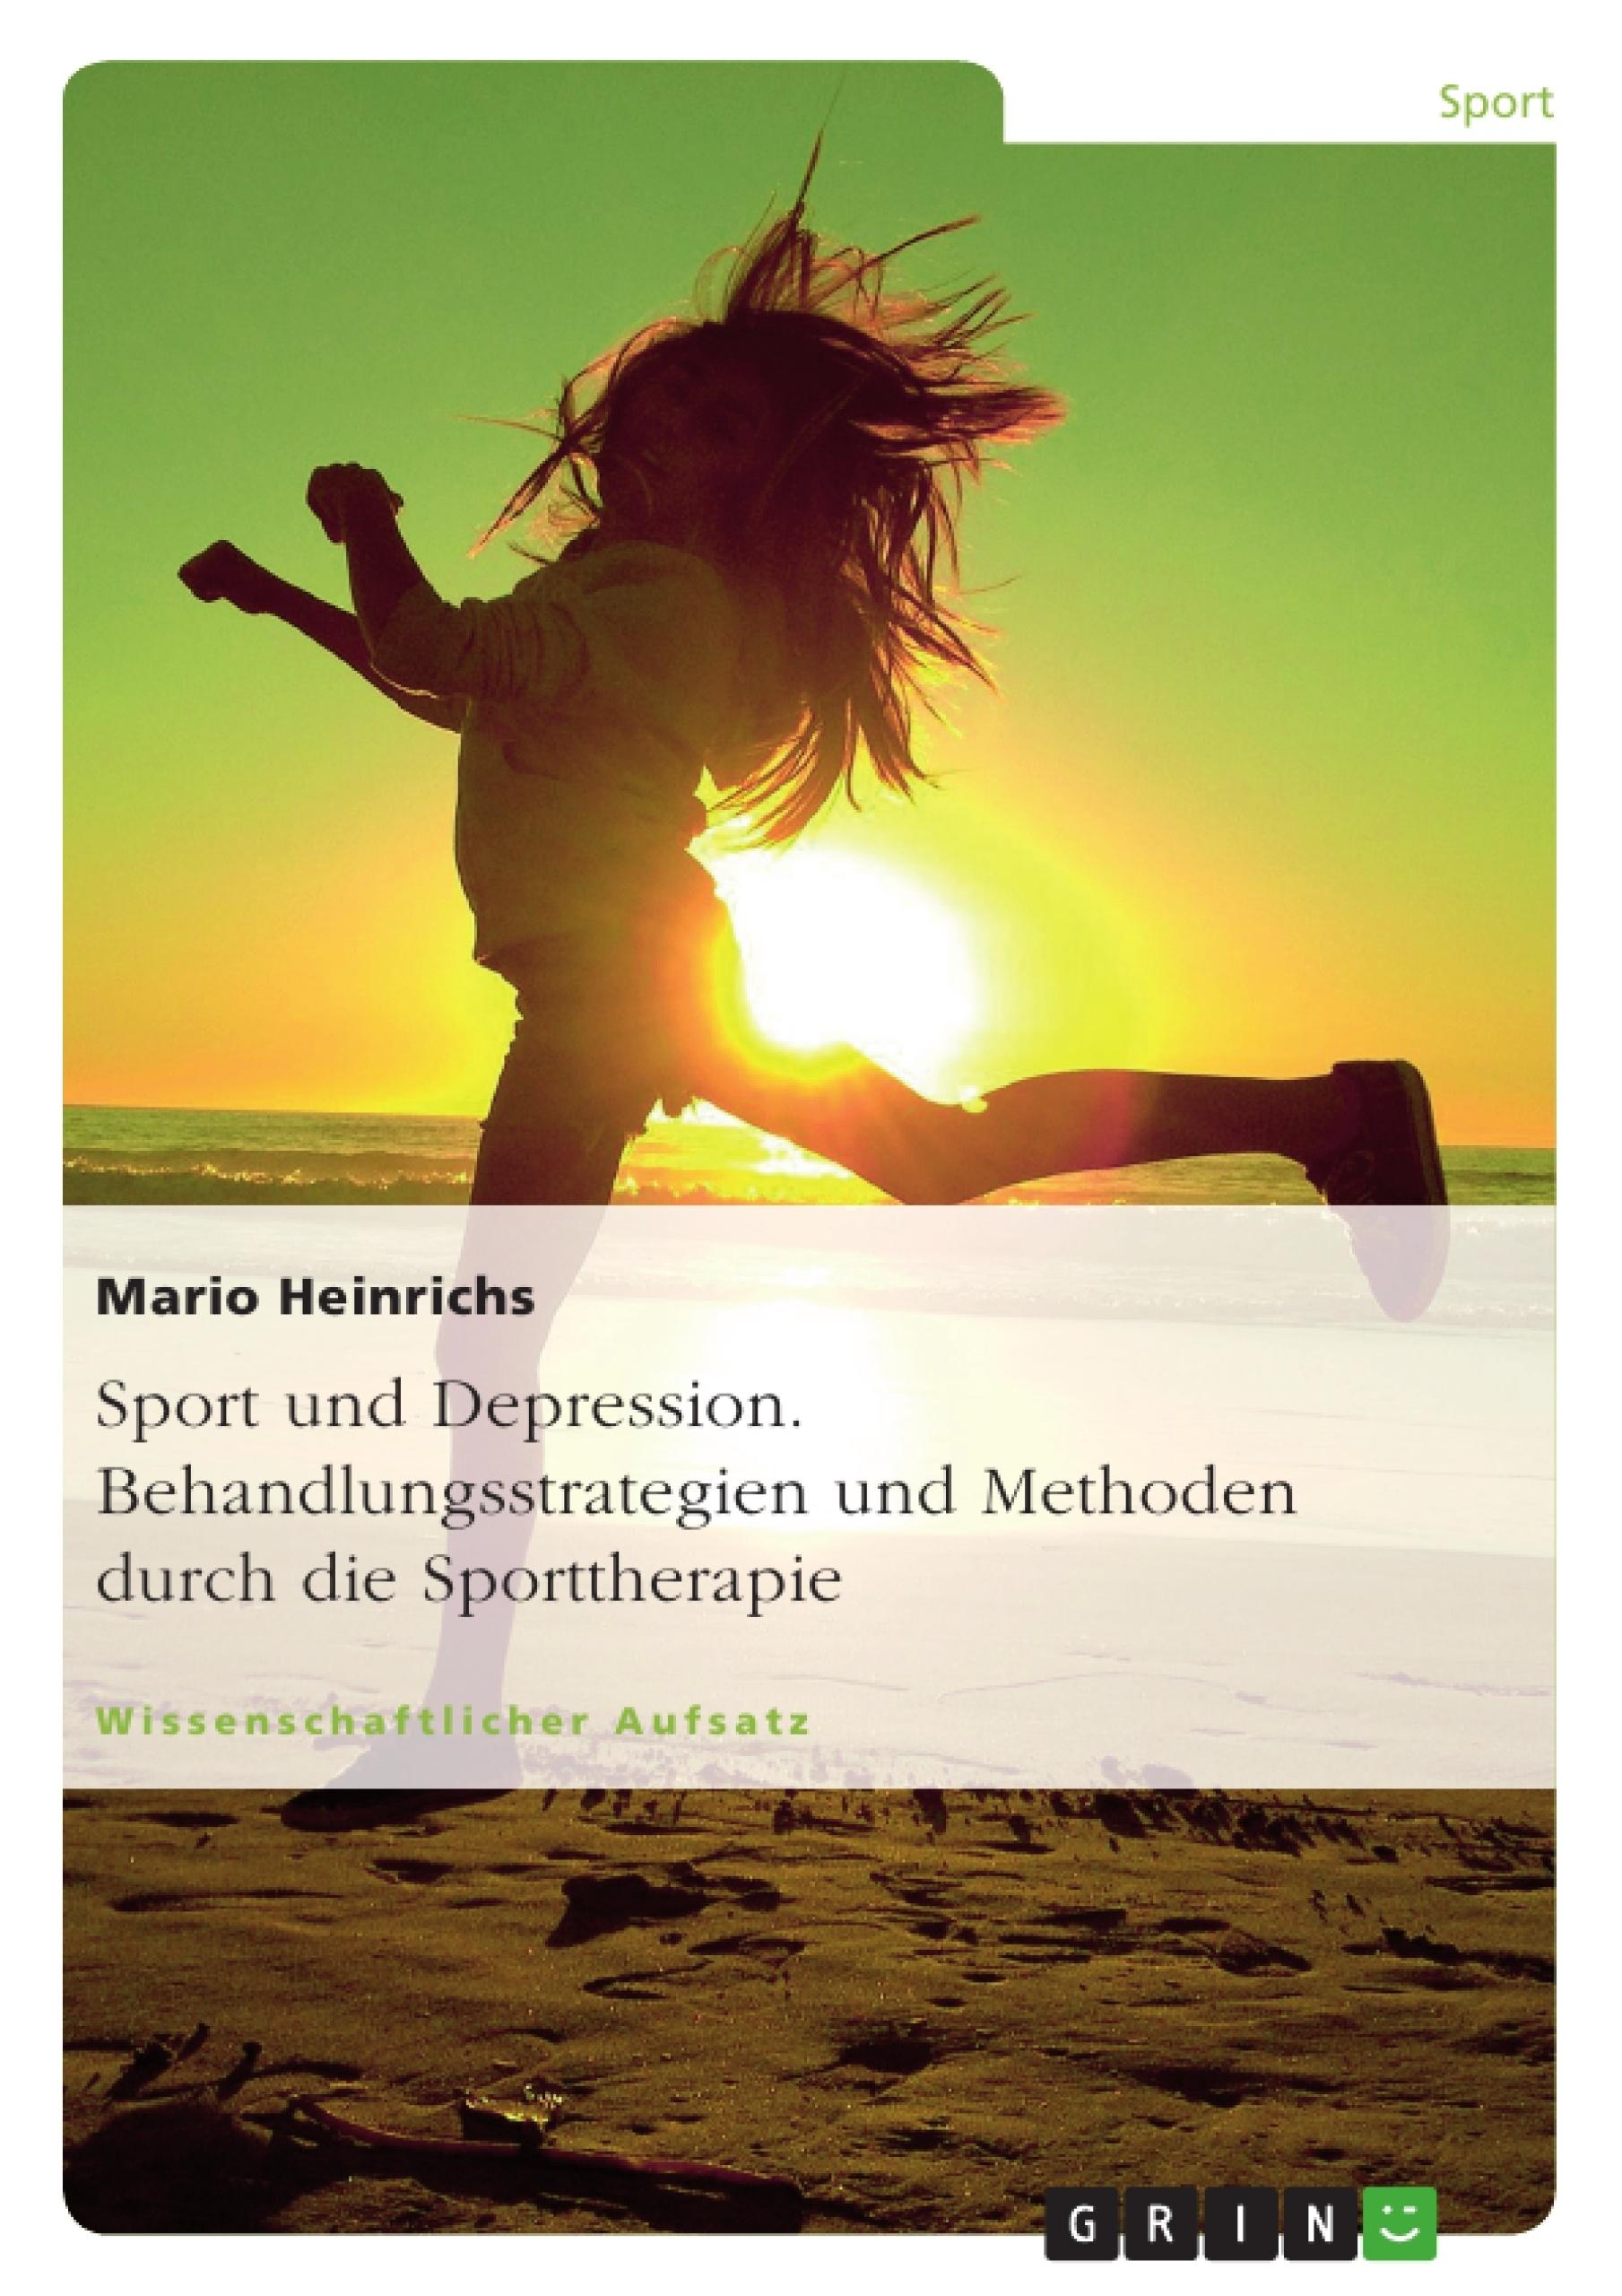 Titel: Sport und Depression. Behandlungsstrategien und Methoden durch die Sporttherapie